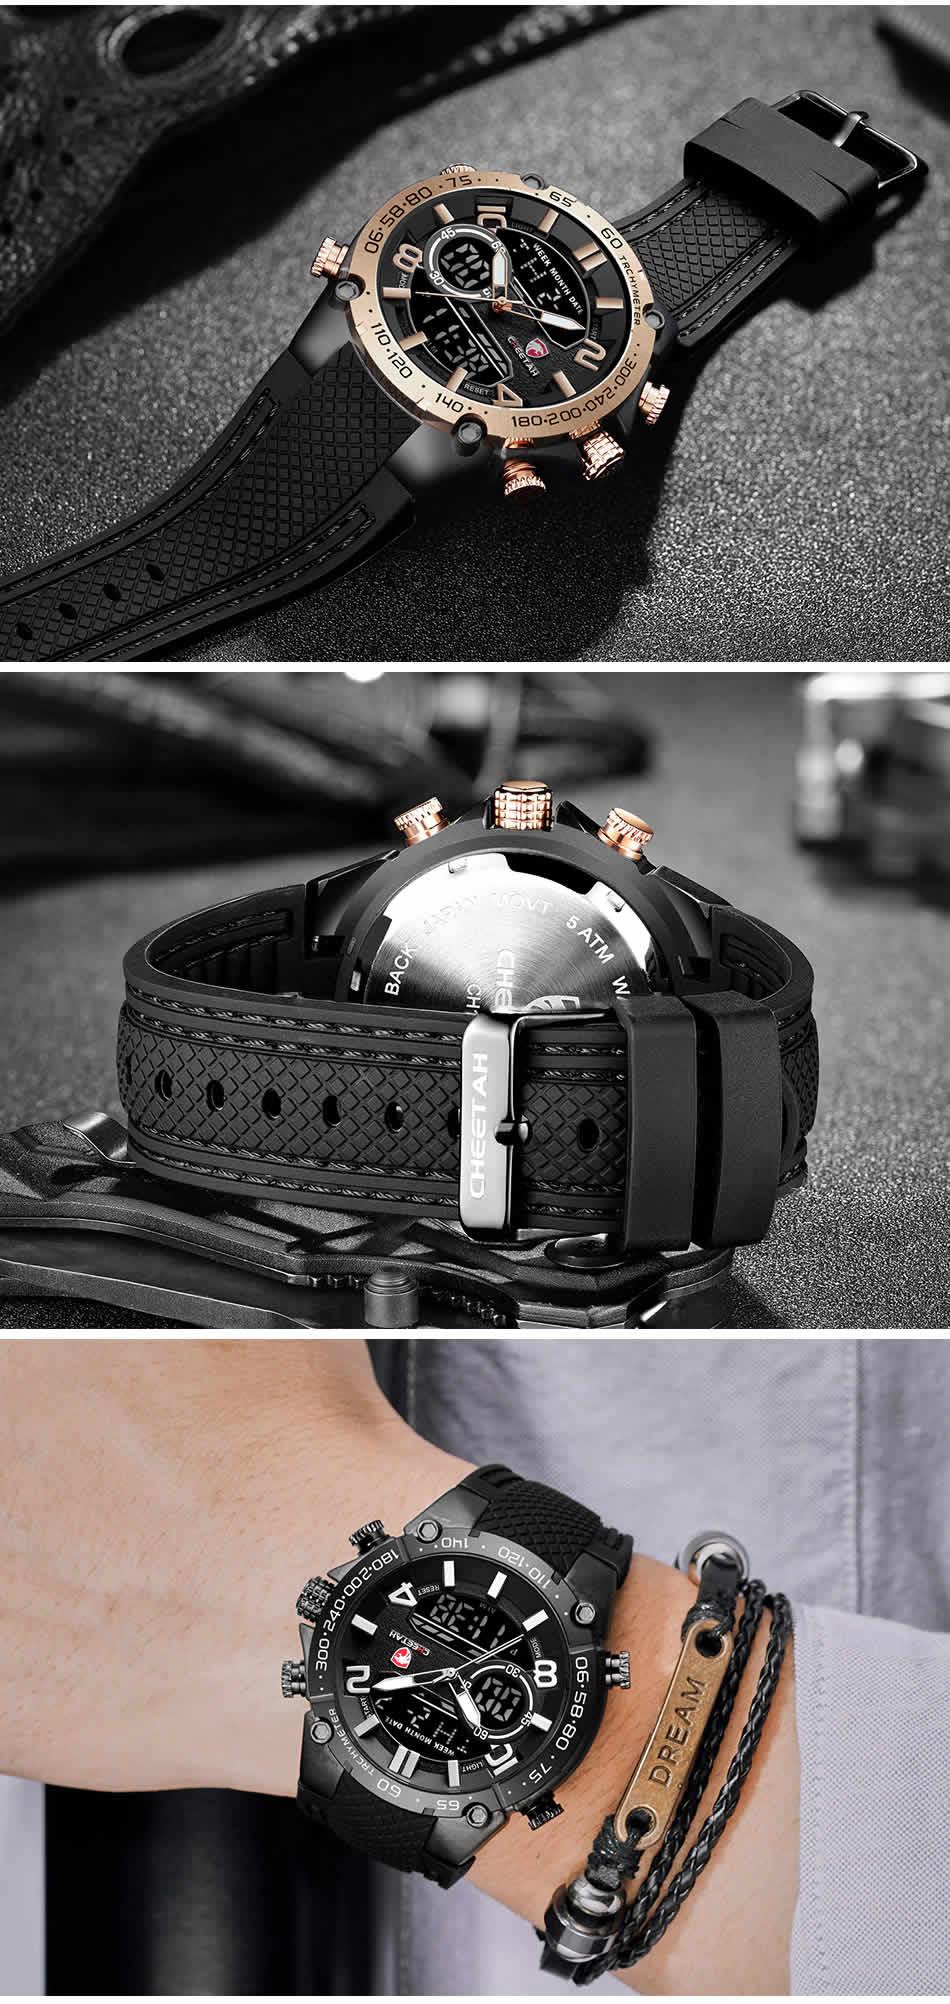 Relógio Cheetah de Luxo Masculino Militar Esportivo Luminiso de Luxo Pulseira